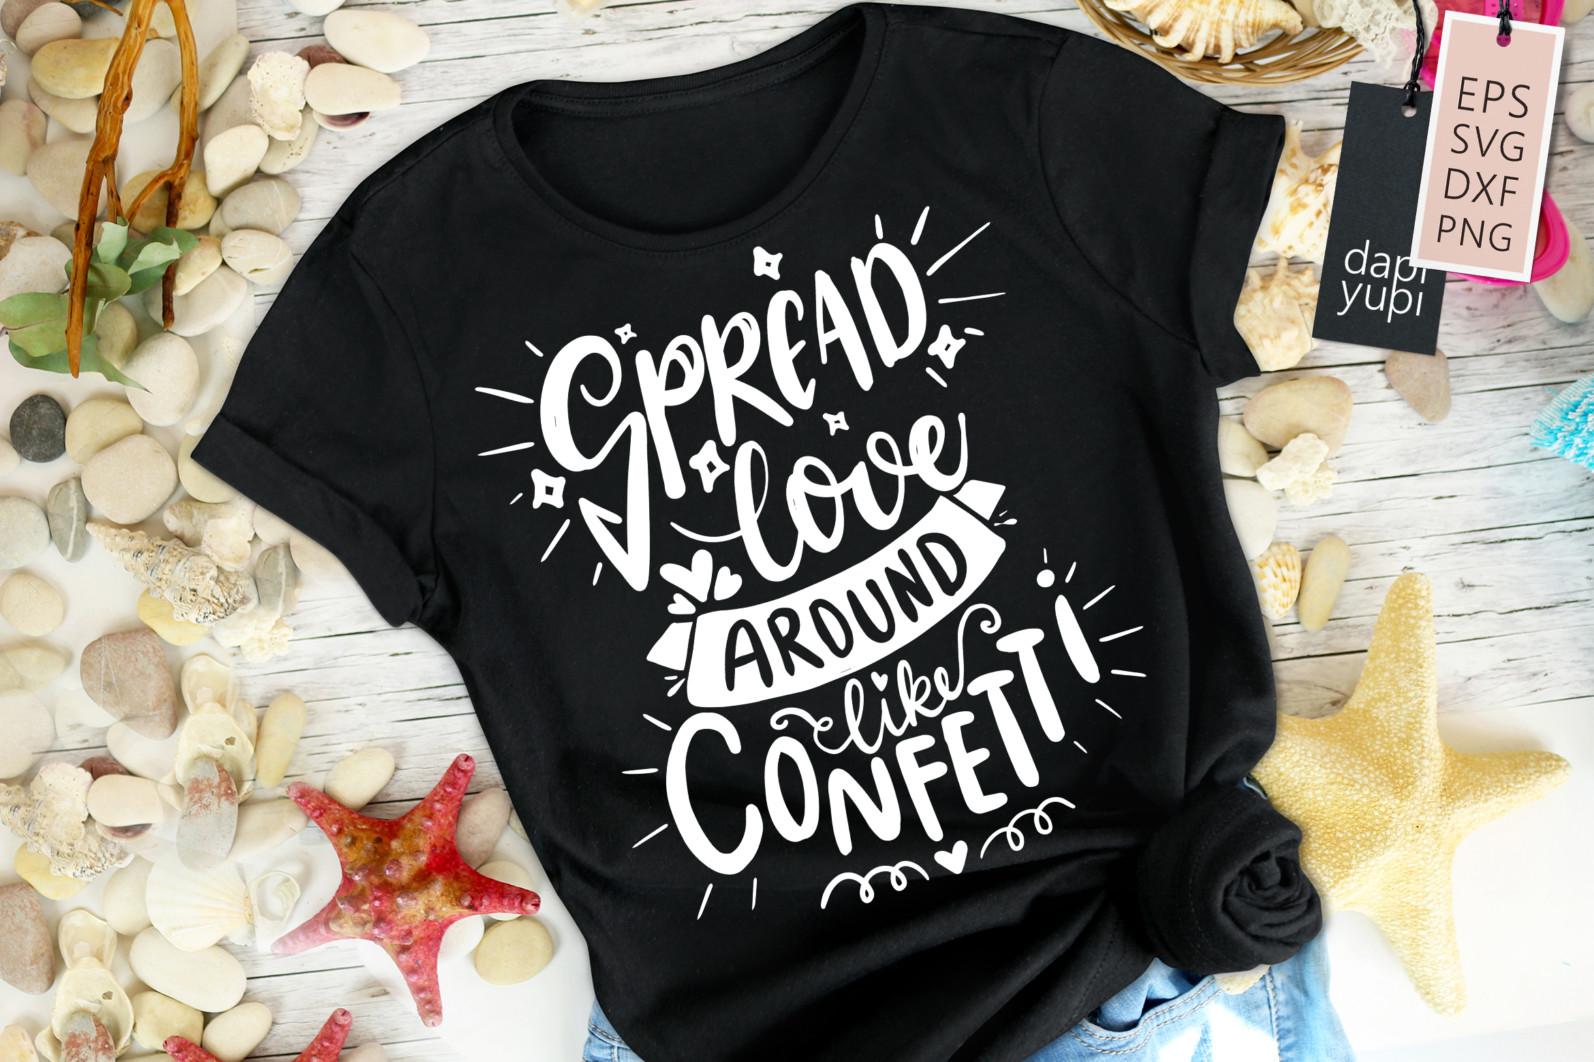 Love Quotes SVG Spread Love Around Like Confetti - love9s -